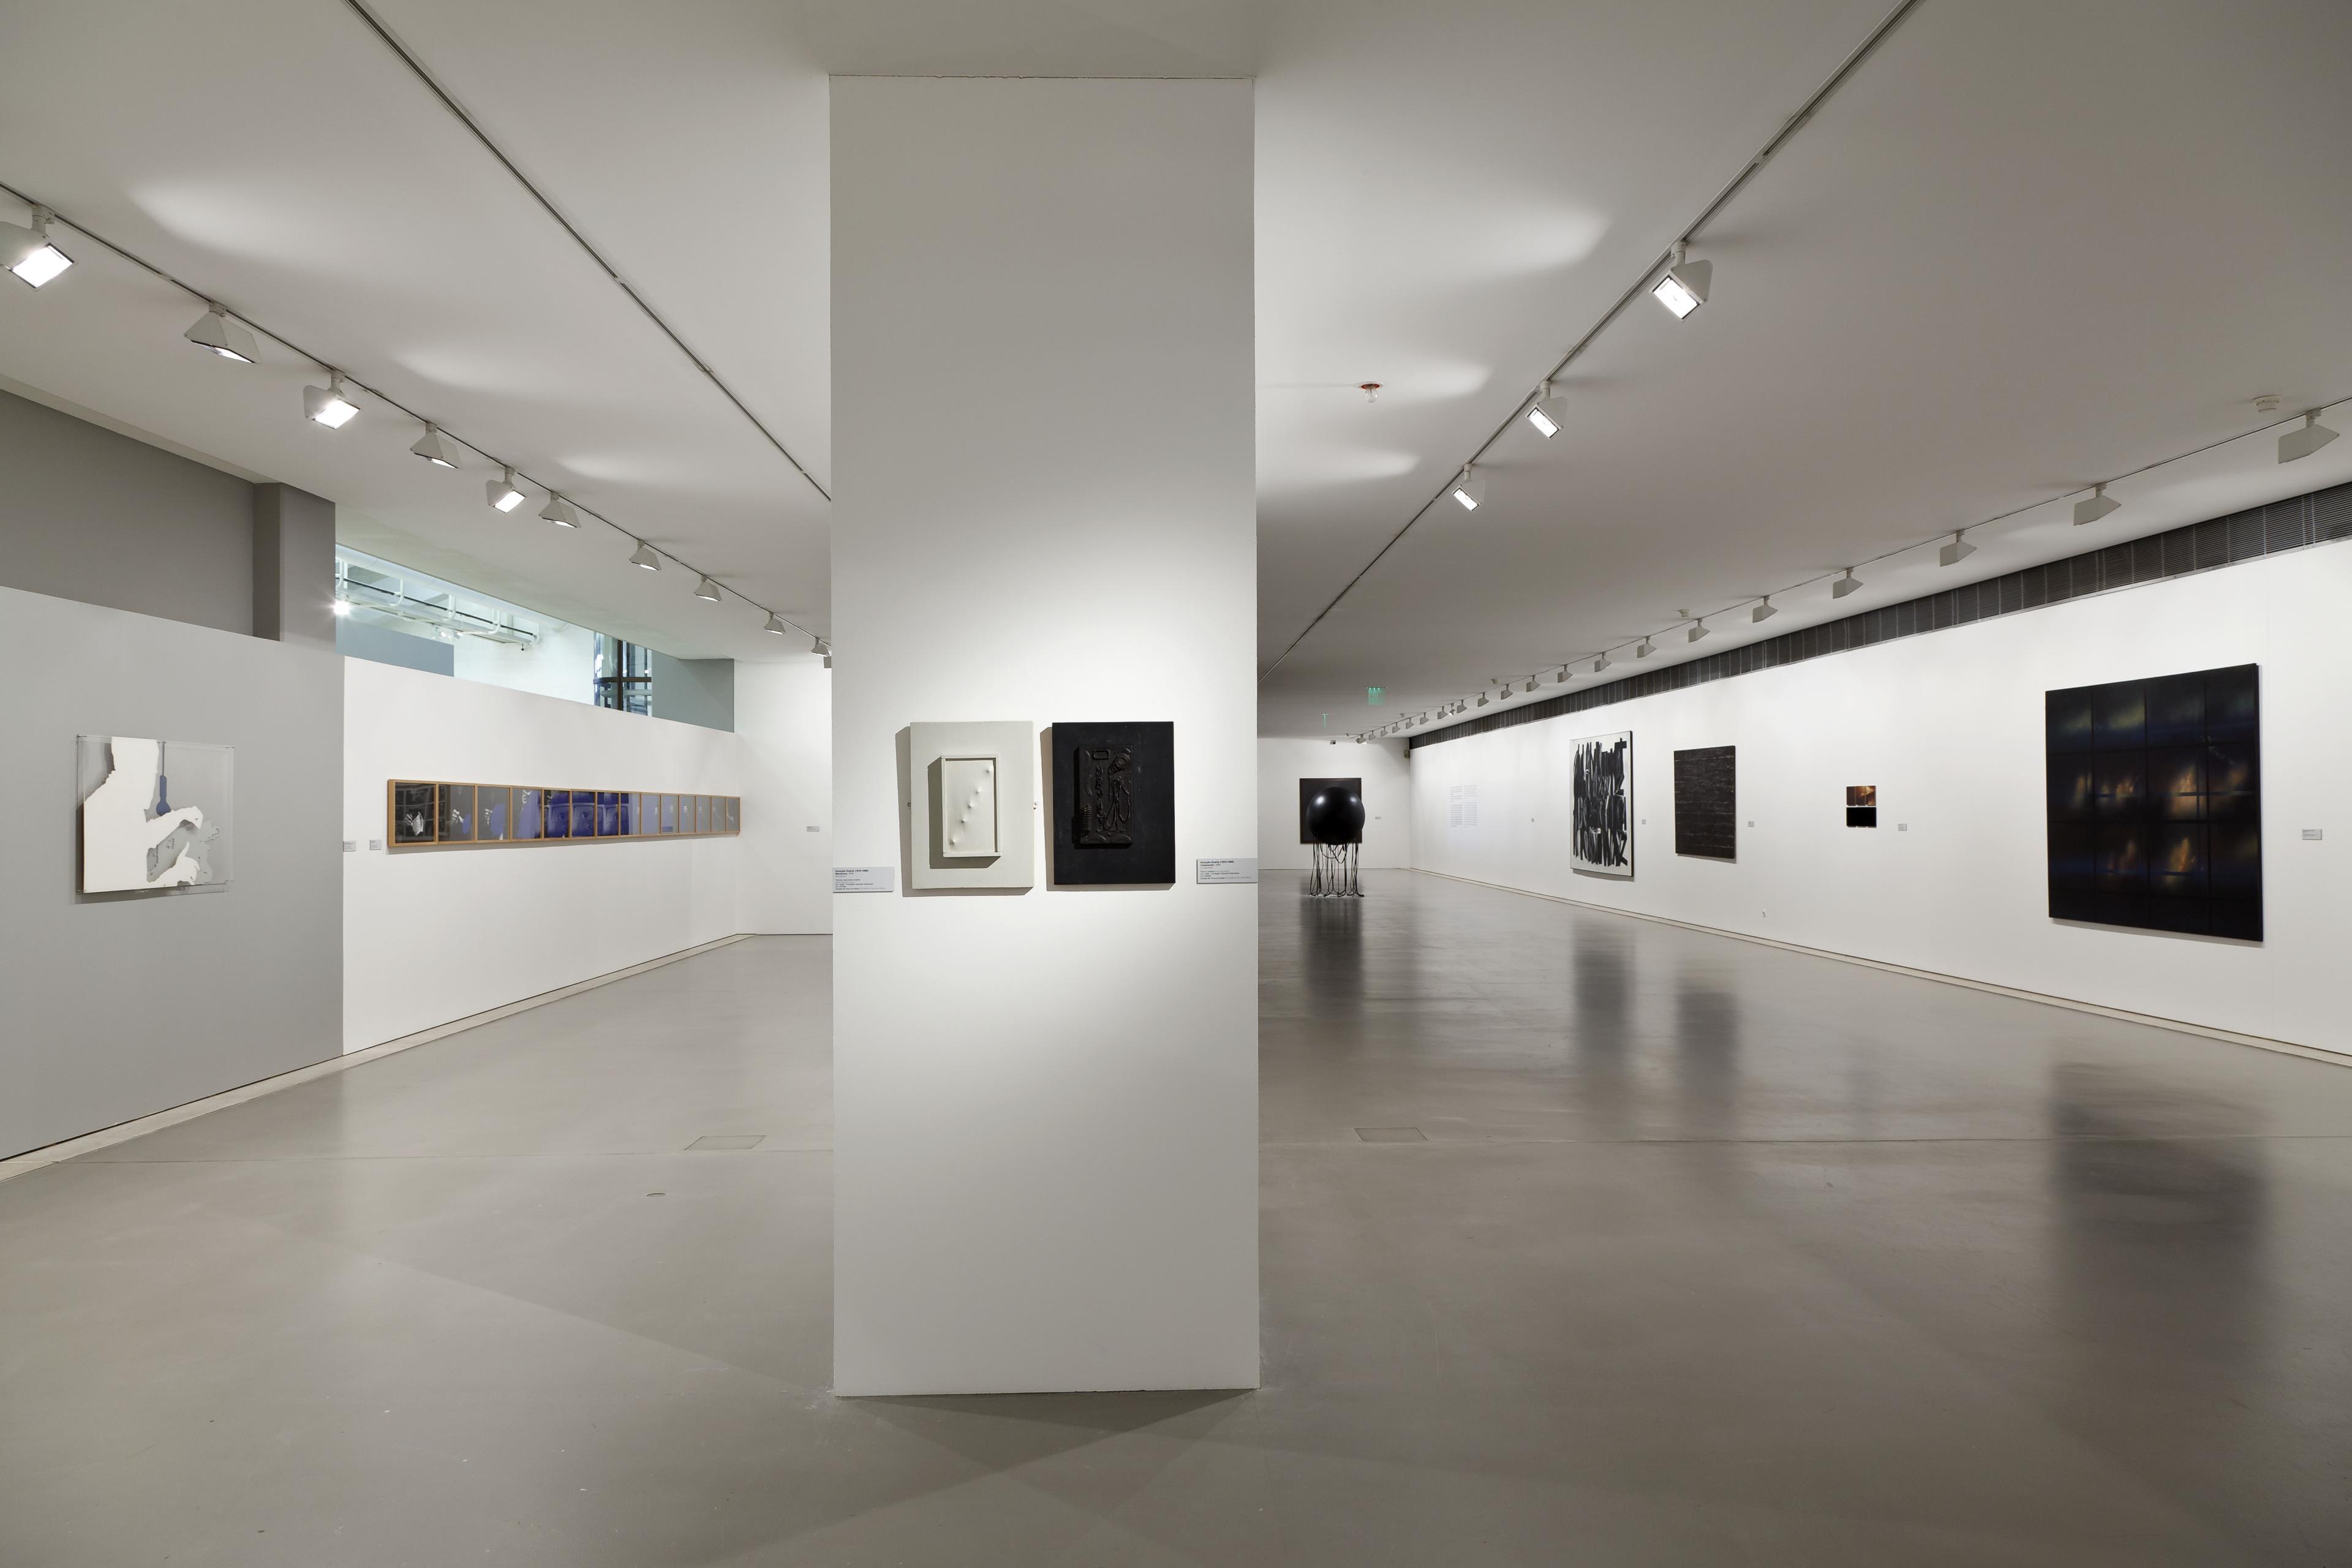 Mostra da Coleção do CAM, 2011 – 2012